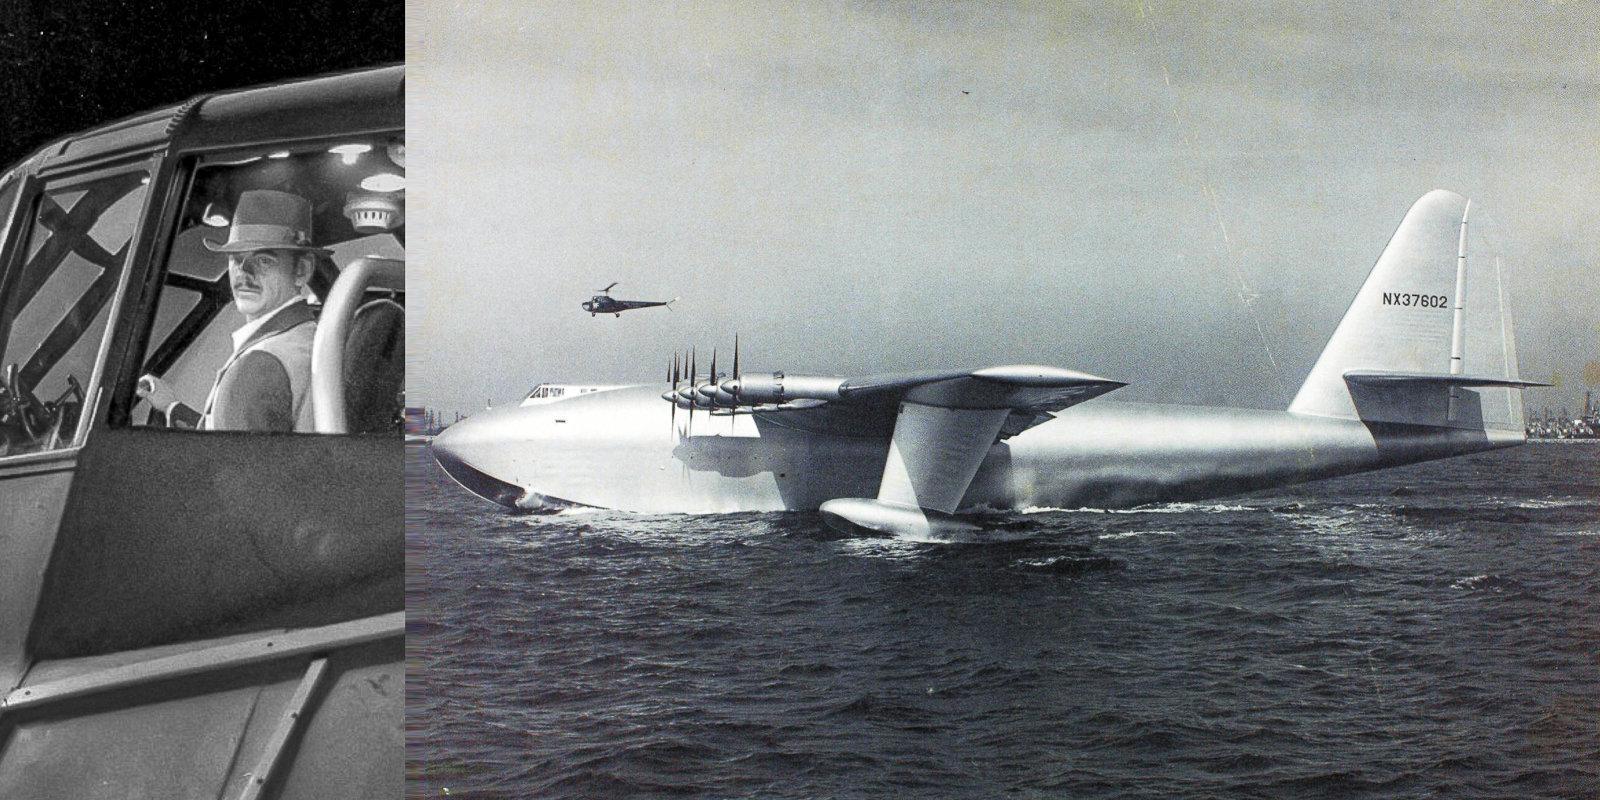 'Egles zoss': pasaulē lielākā lidlaiva, kas gaisā pavadīja tikai 26 sekundes